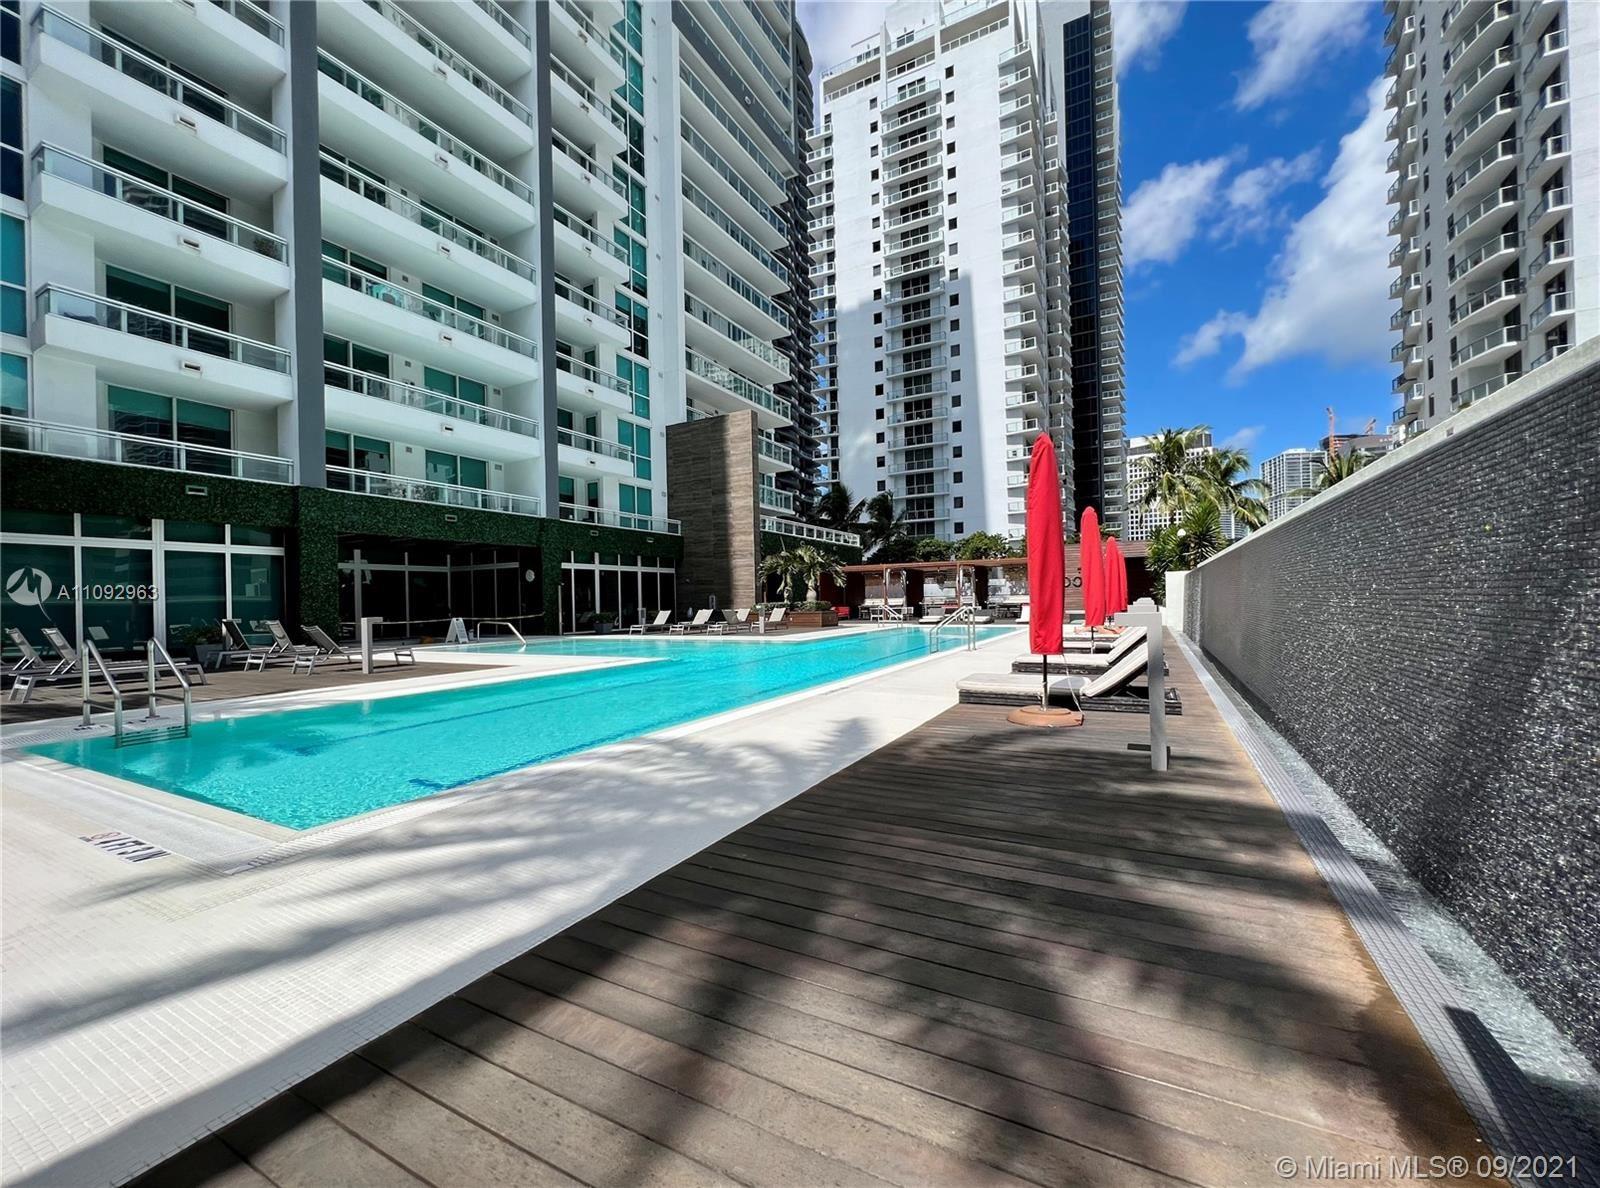 1080 Brickell Ave #1402, Miami, FL 33131 - #: A11092963